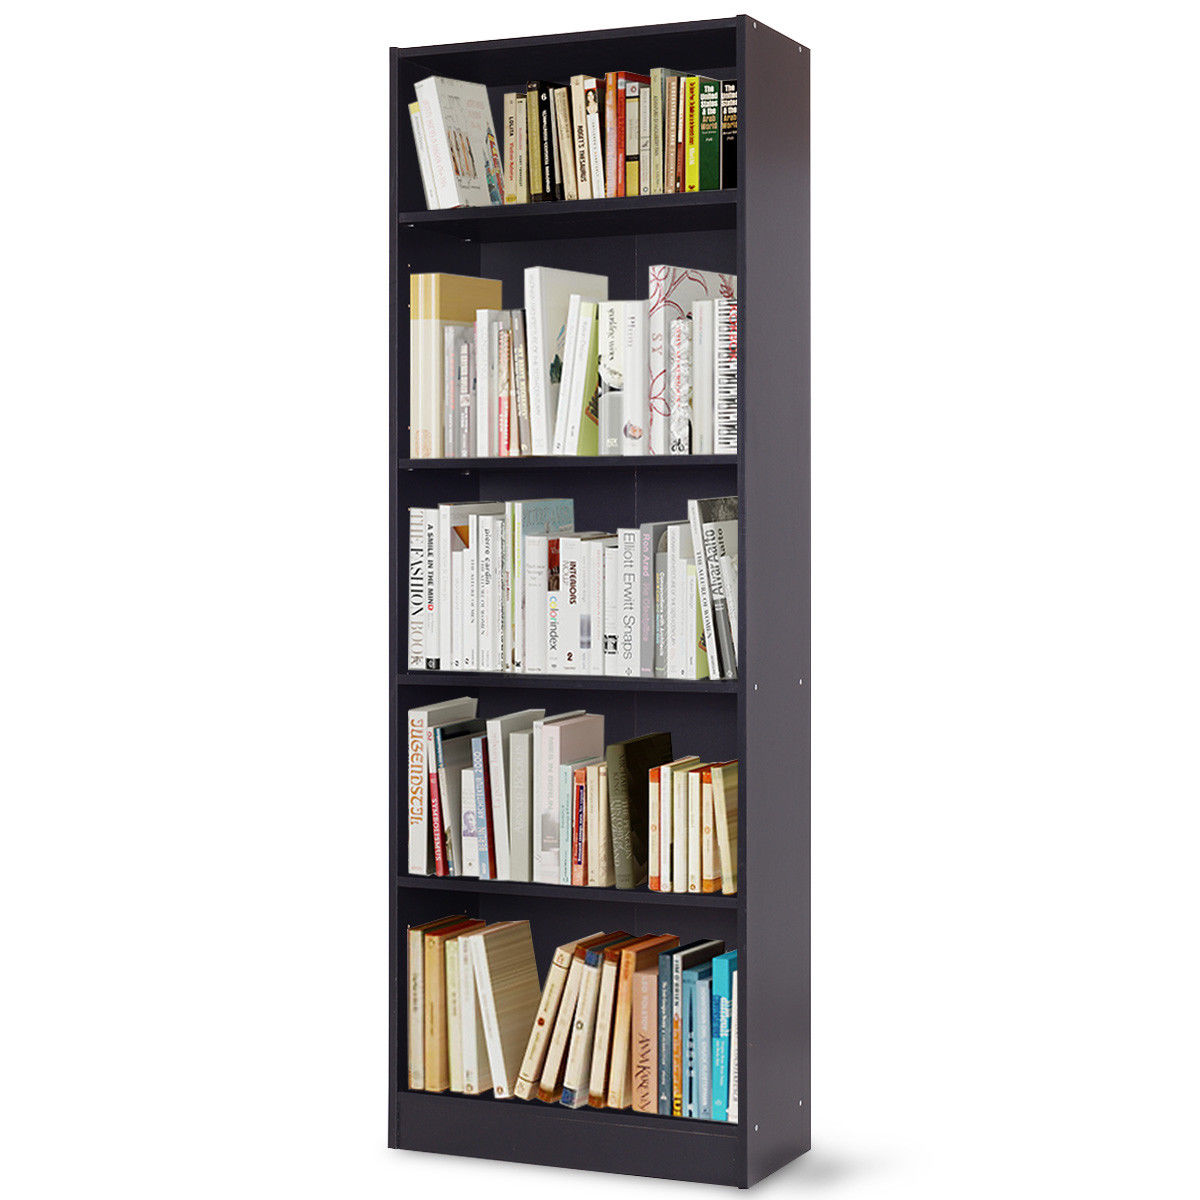 Costway Modern 5 Tier Shelf Bookcase Storage Media Storage Organization Cabinet Black